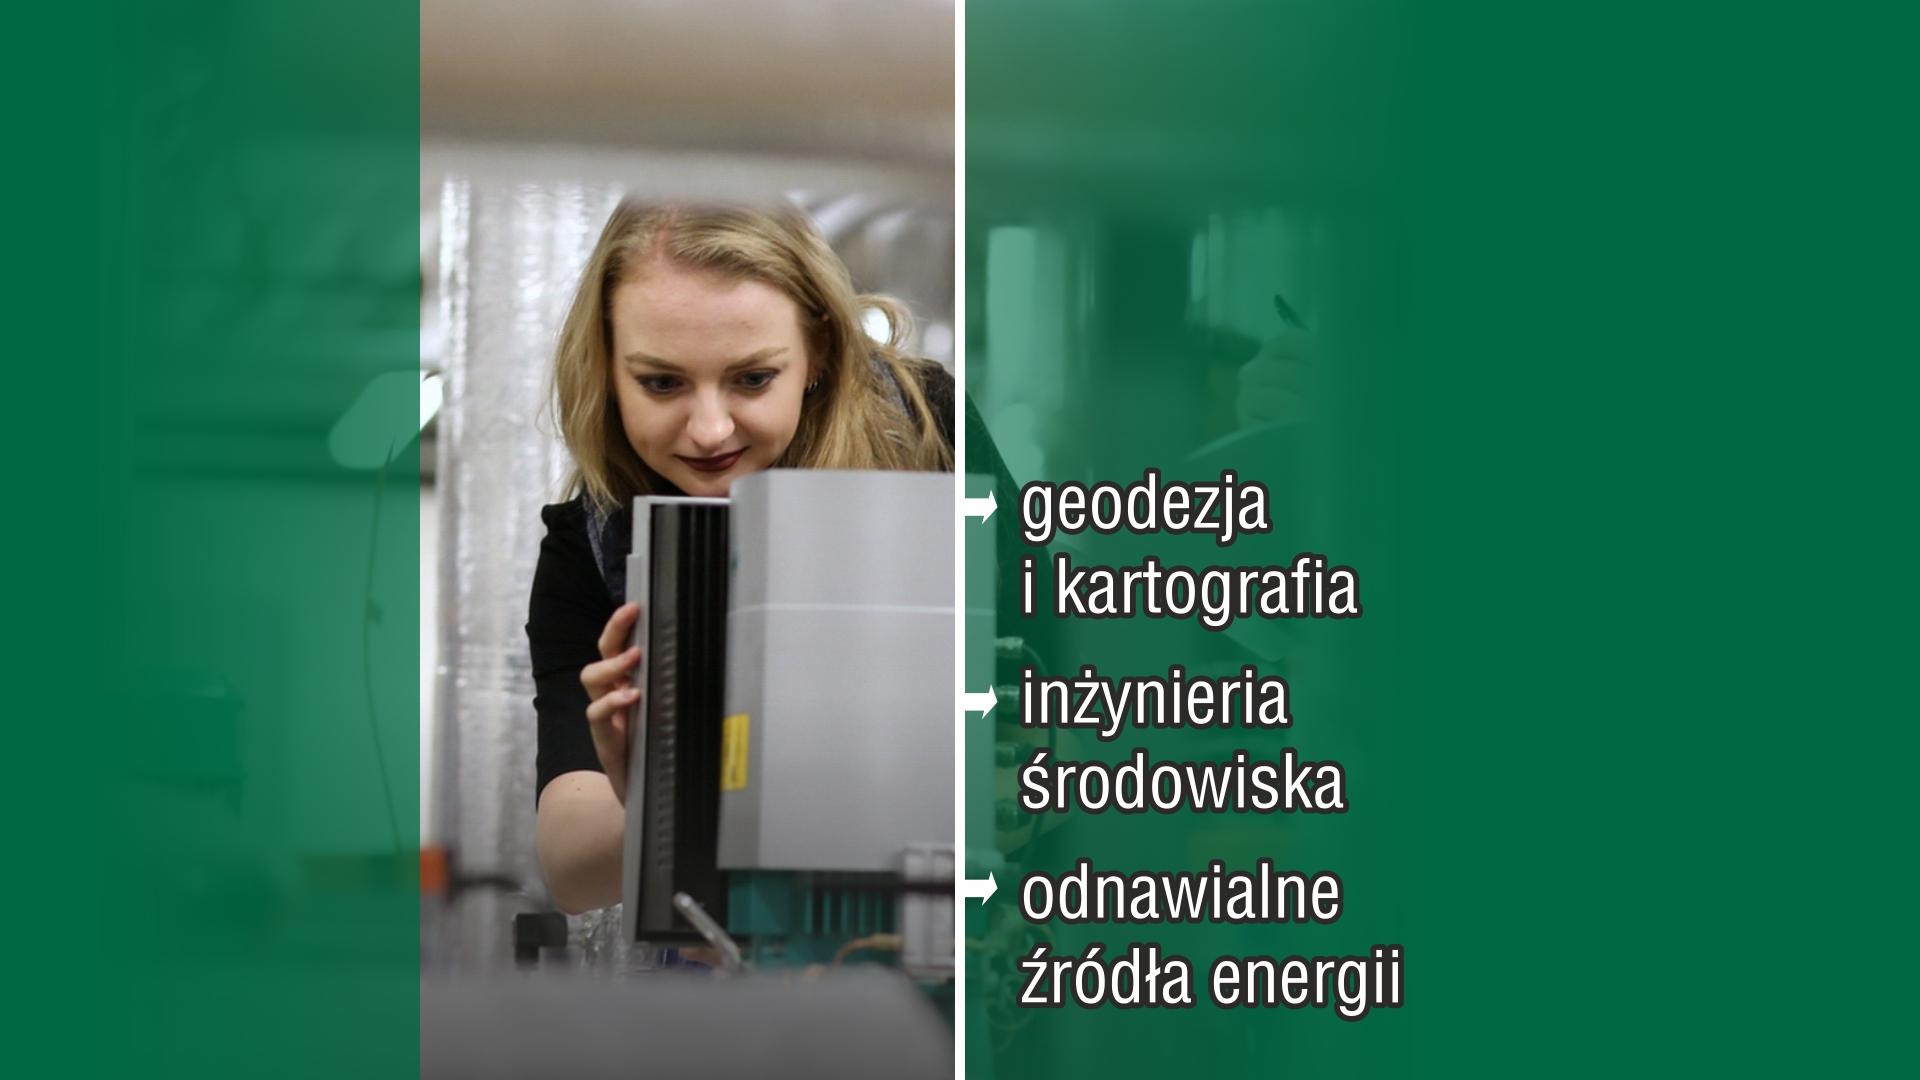 Energetyczni z natury